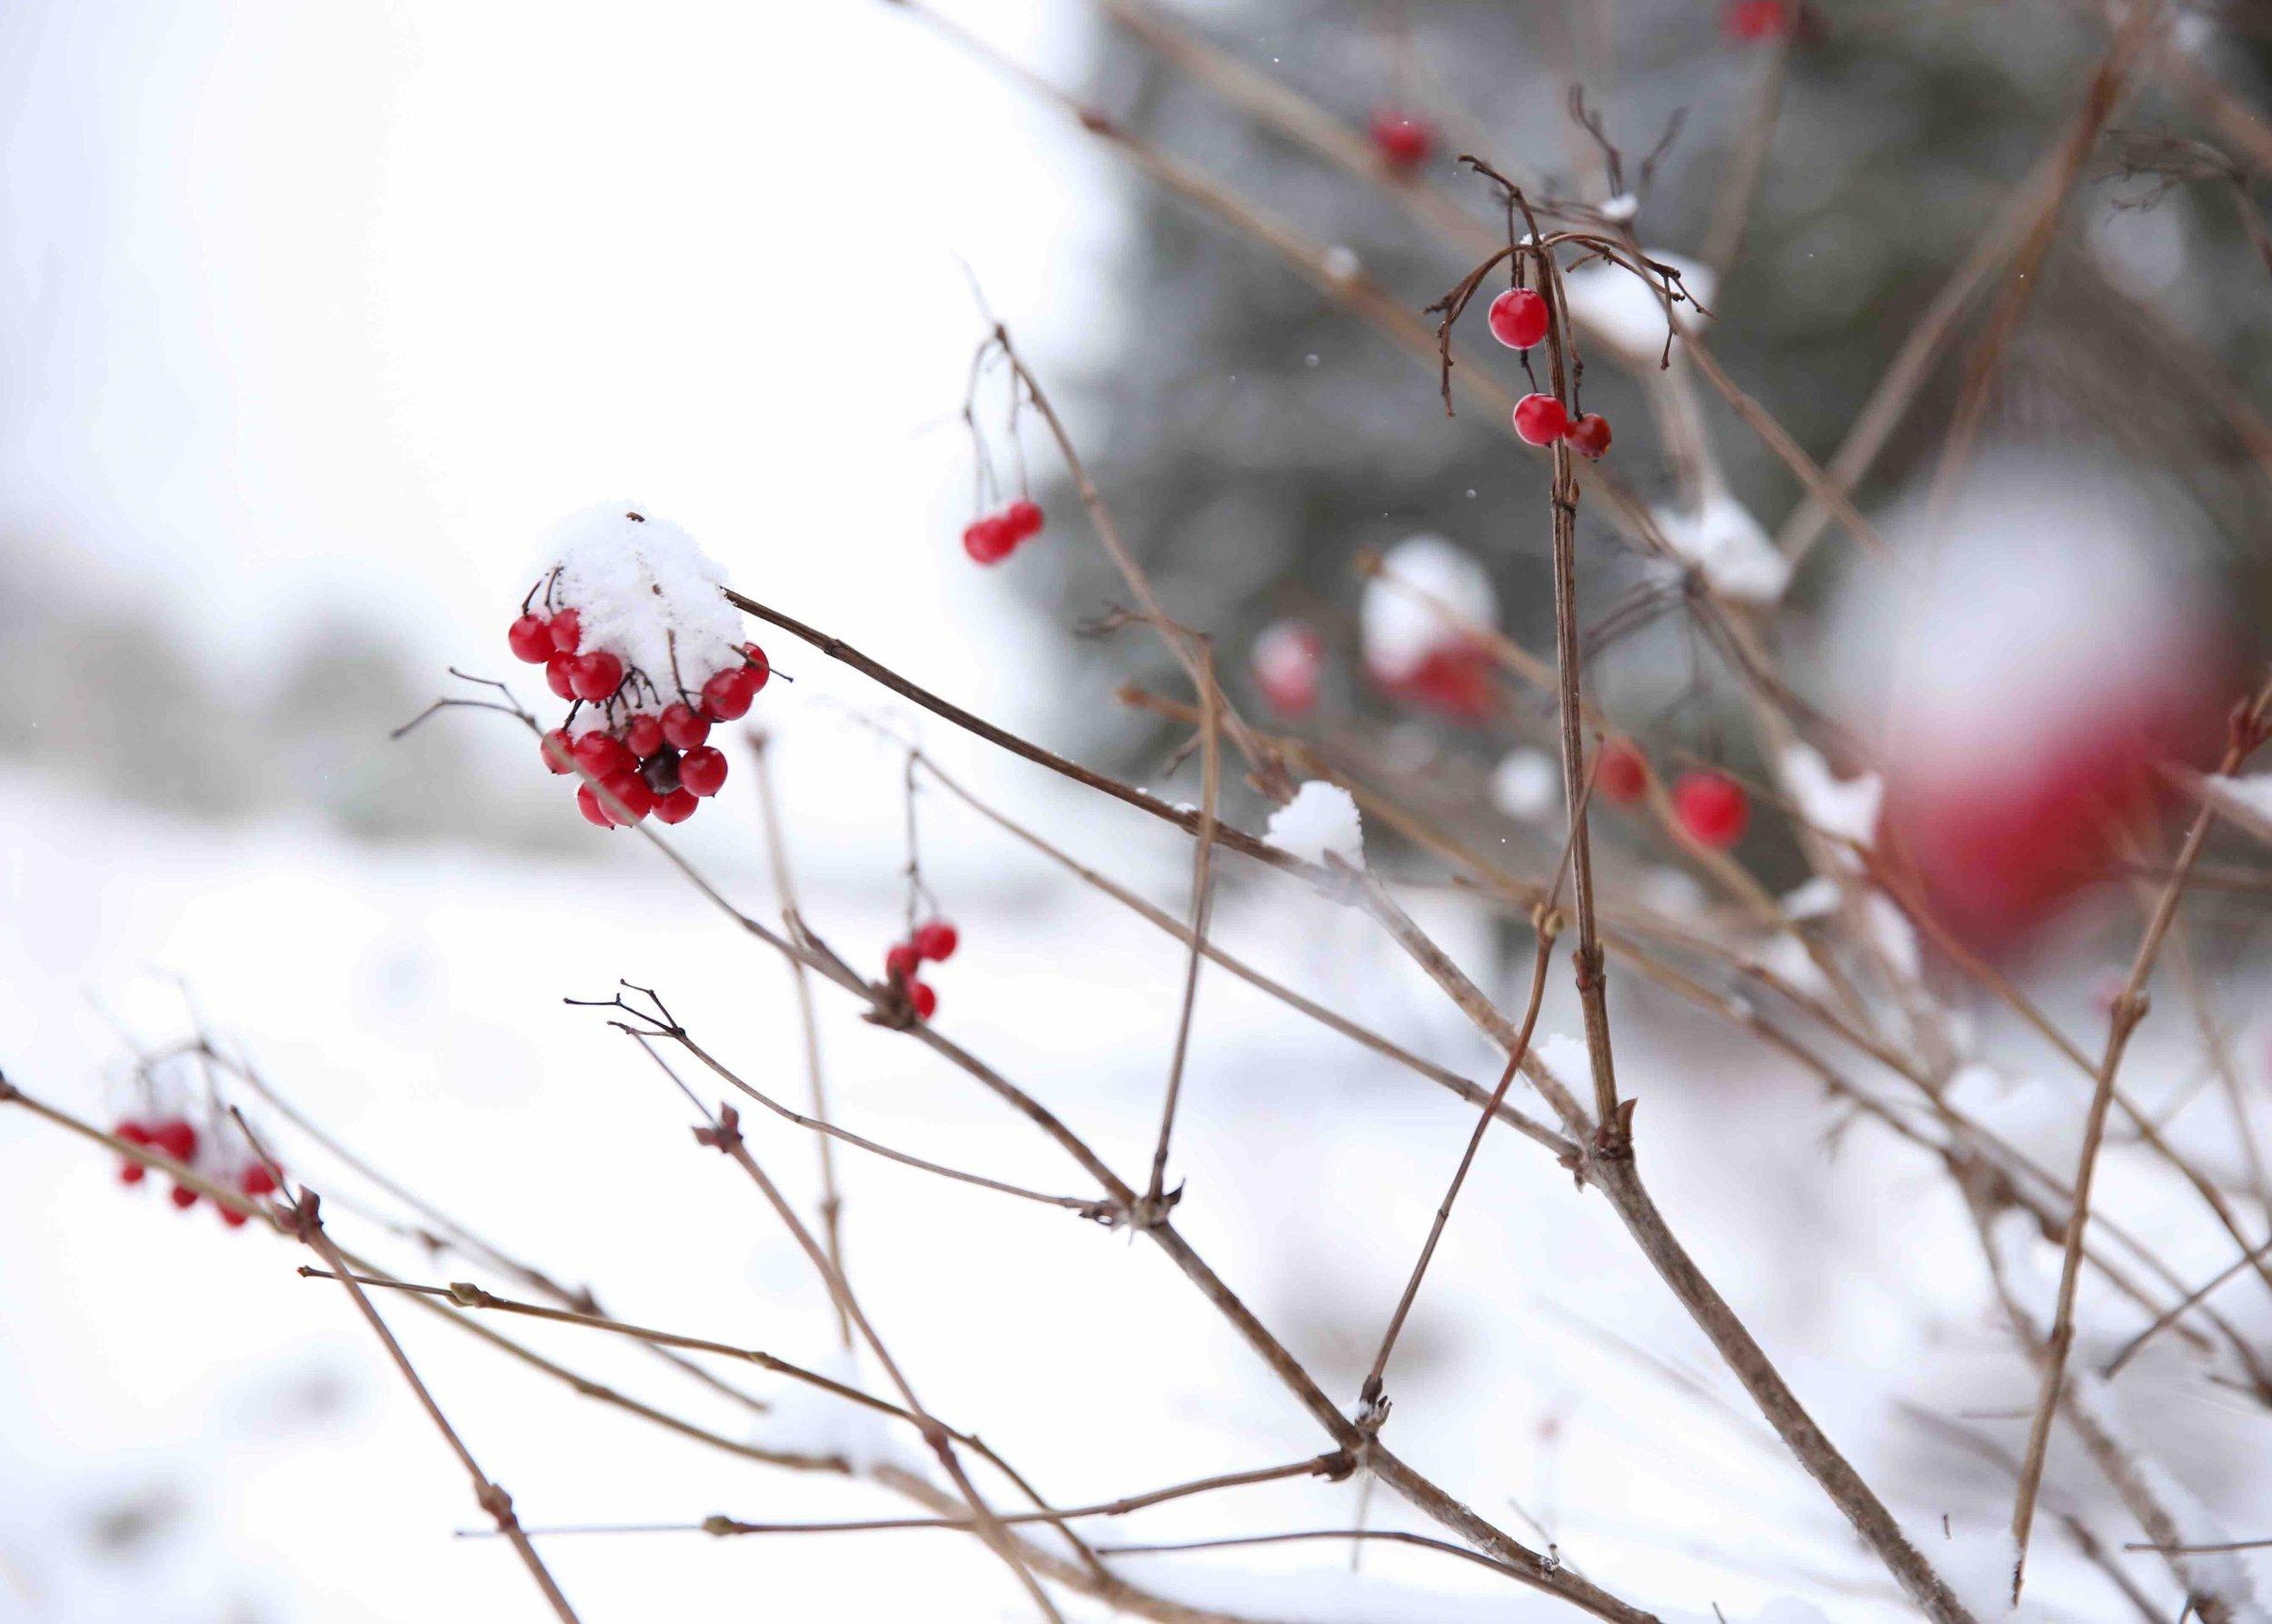 Калина-для птиц-присыпанная-снегом-в-загородном-отеле-на-озере.jpg